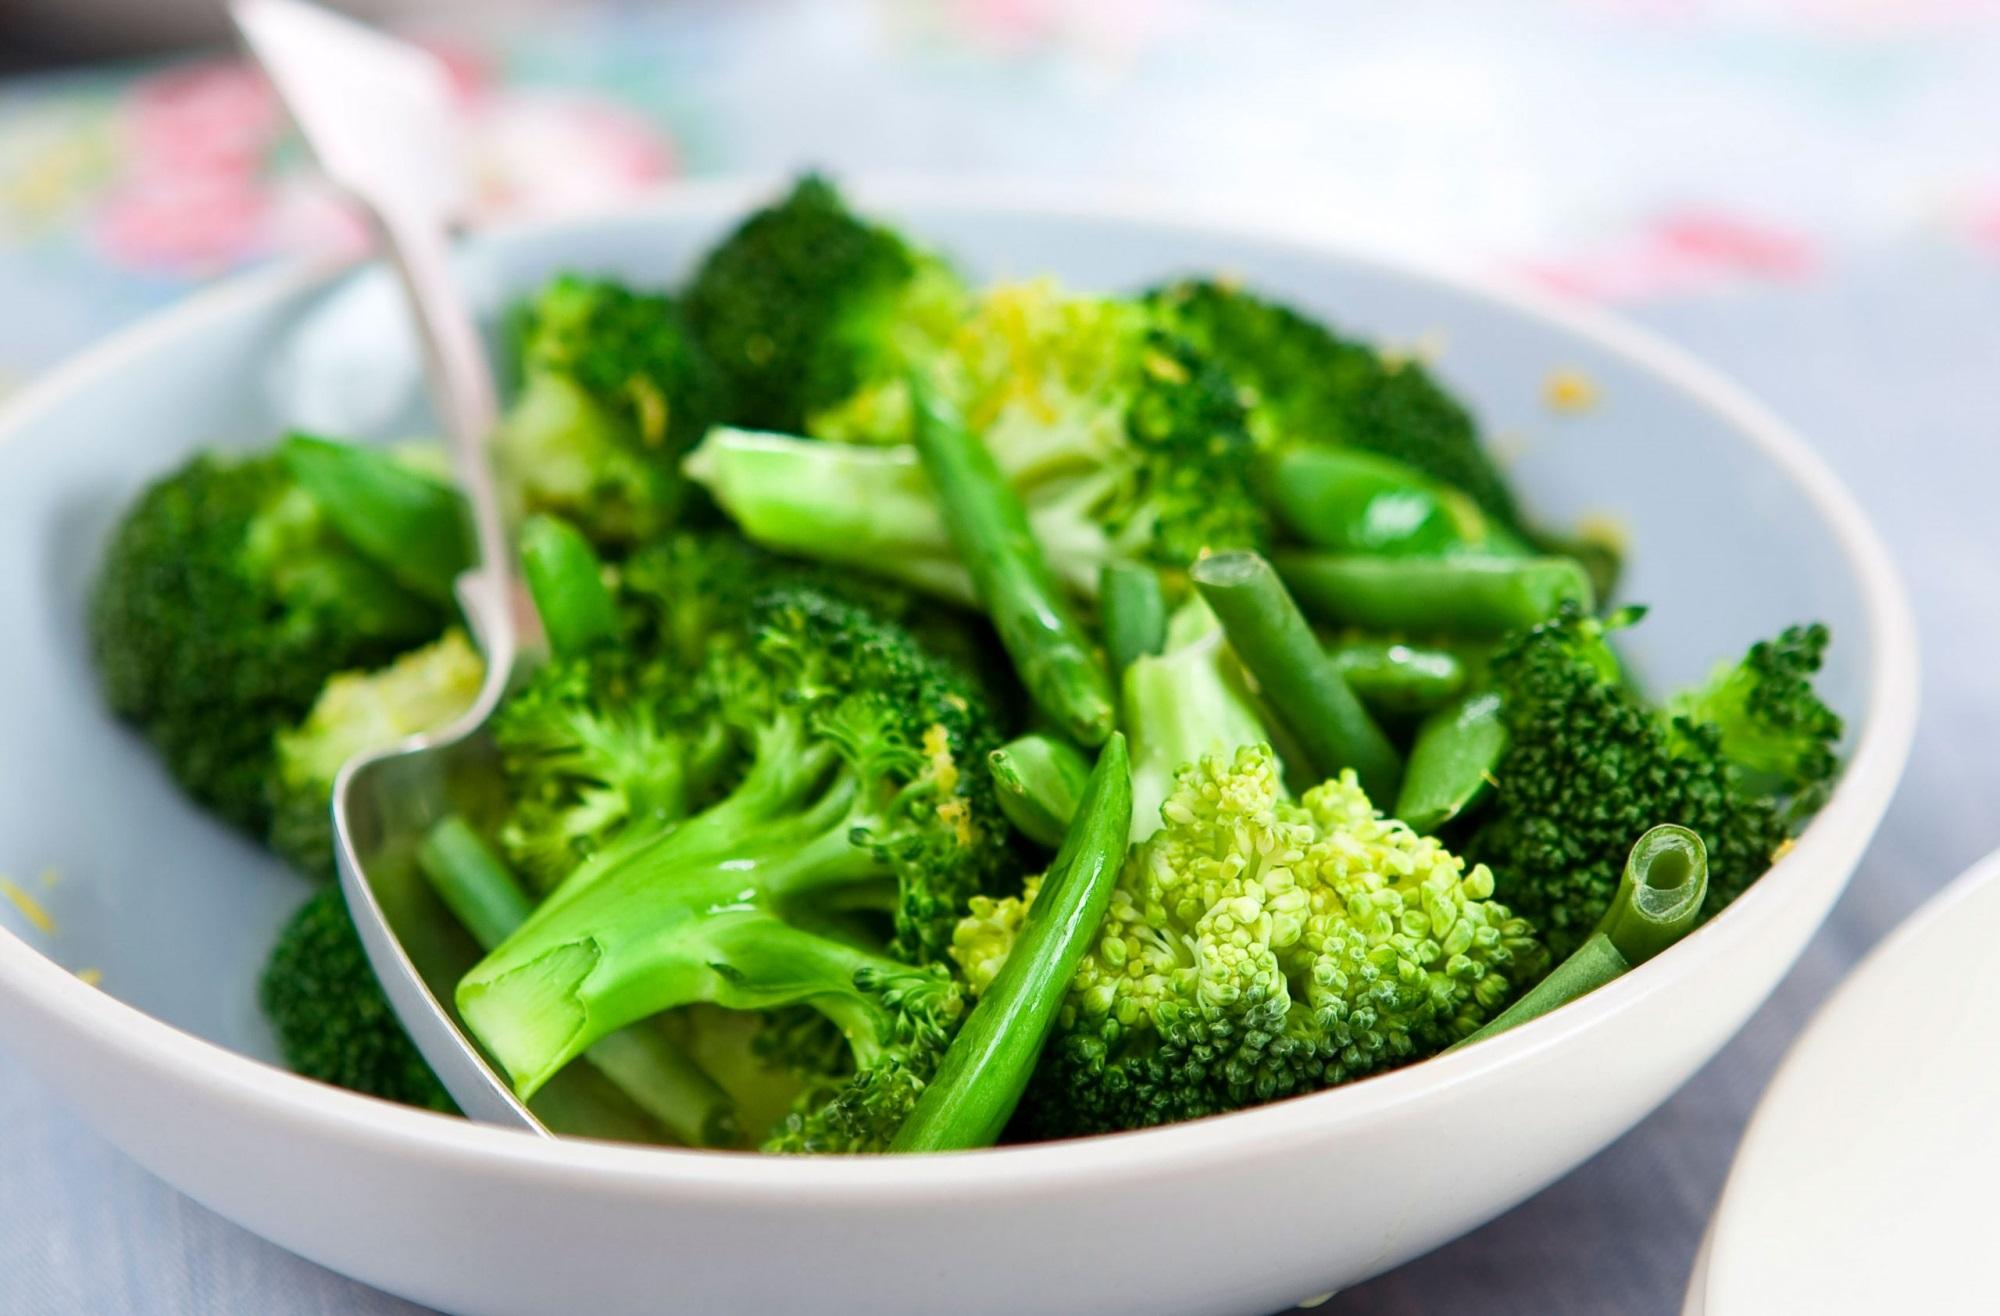 Cơ thể bạn sẽ thay đổi theo 5 điều sau khi ăn rau xanh đều đặn mỗi ngày - Ảnh 3